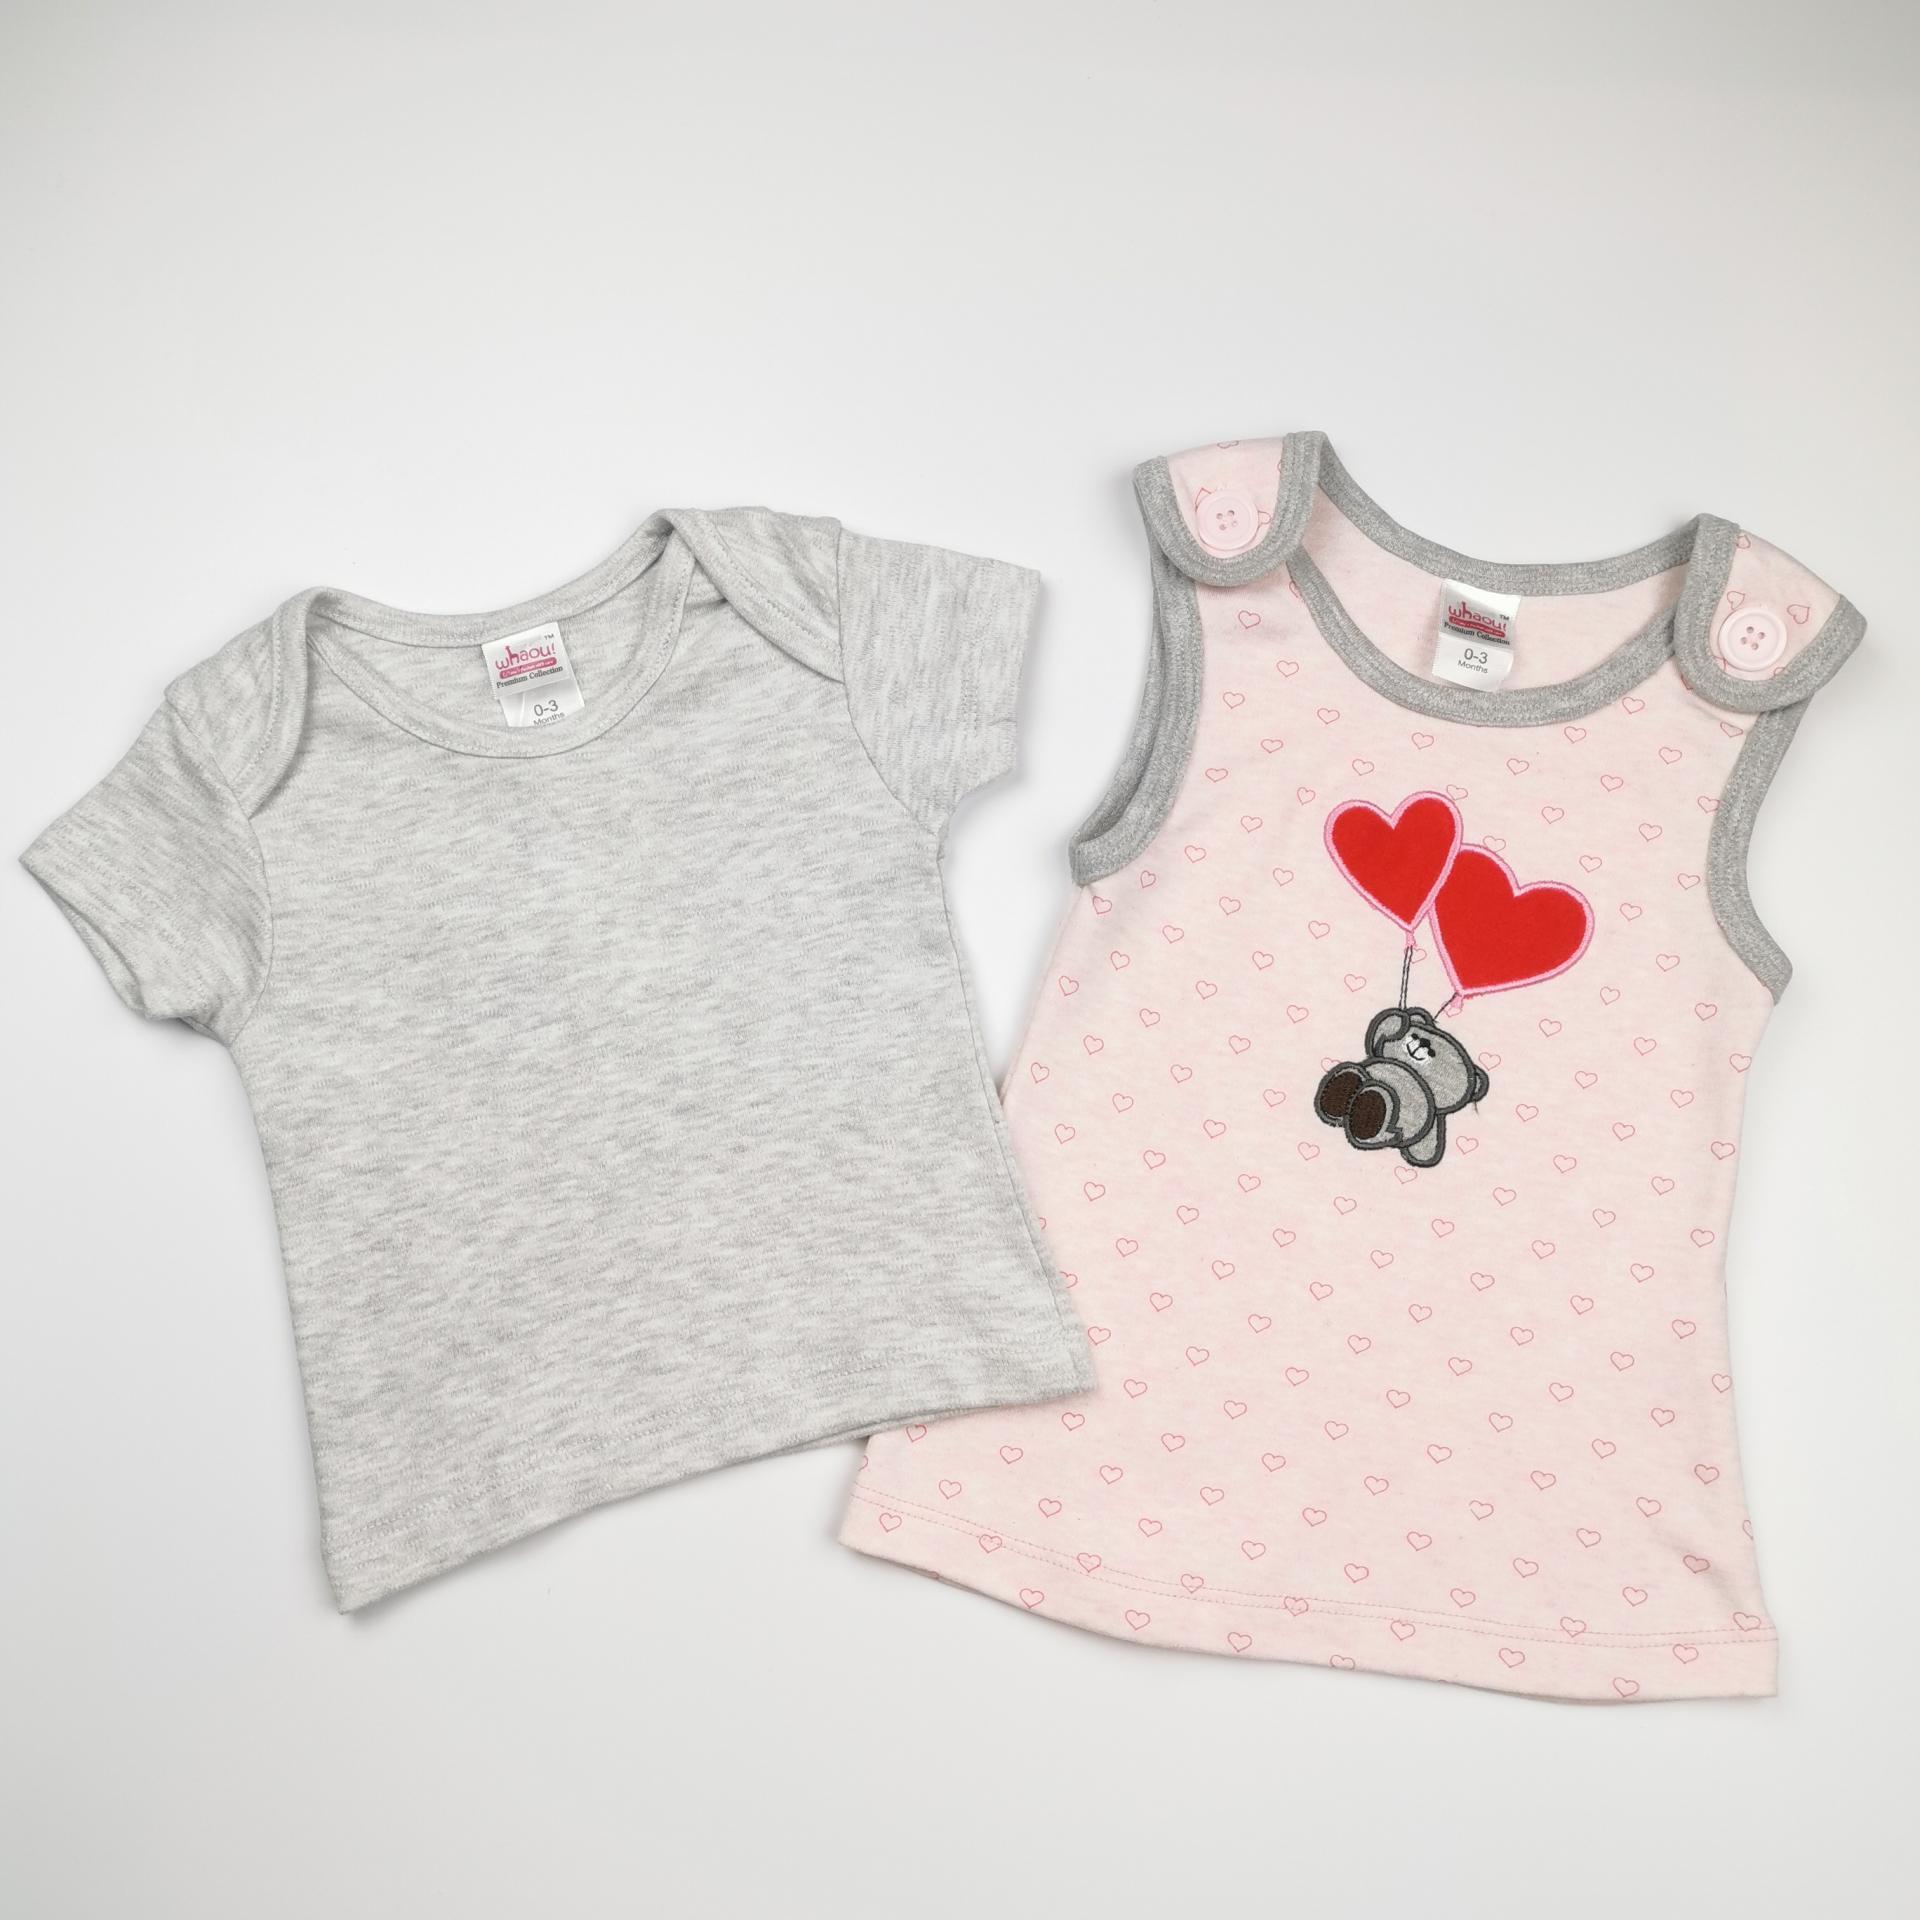 Vestido y camiseta a juego en rosa y gris (algodón orgánico)